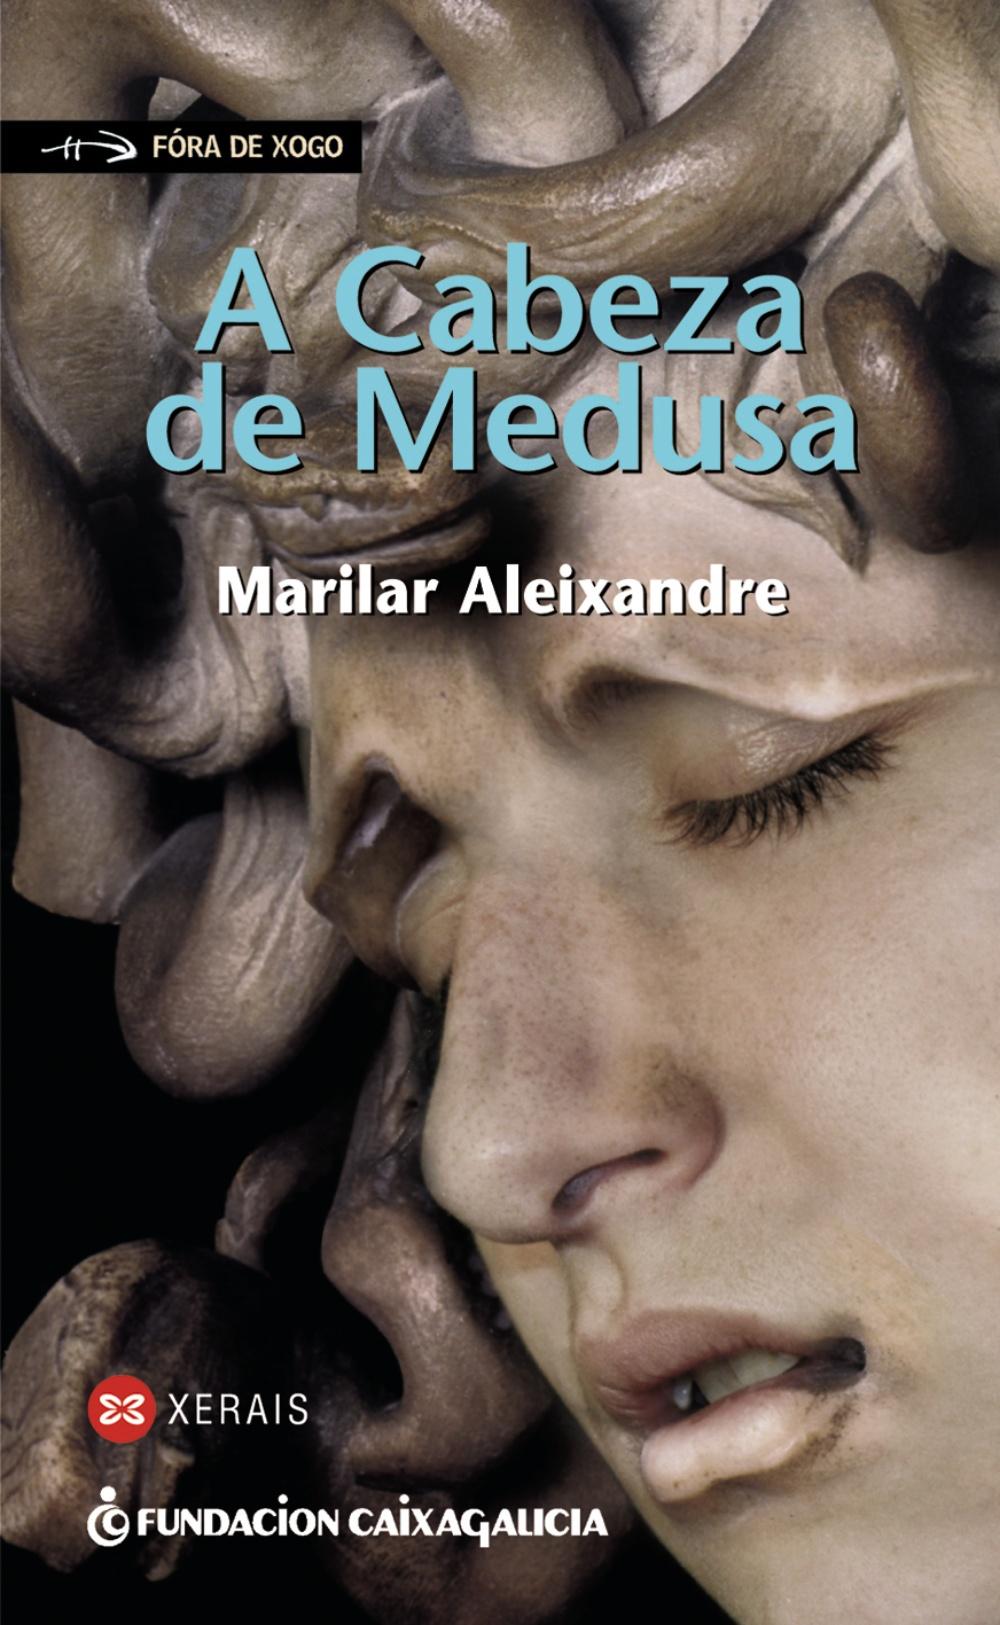 a cabeza de medusa-marilar jimenez aleixandre-9788499140988